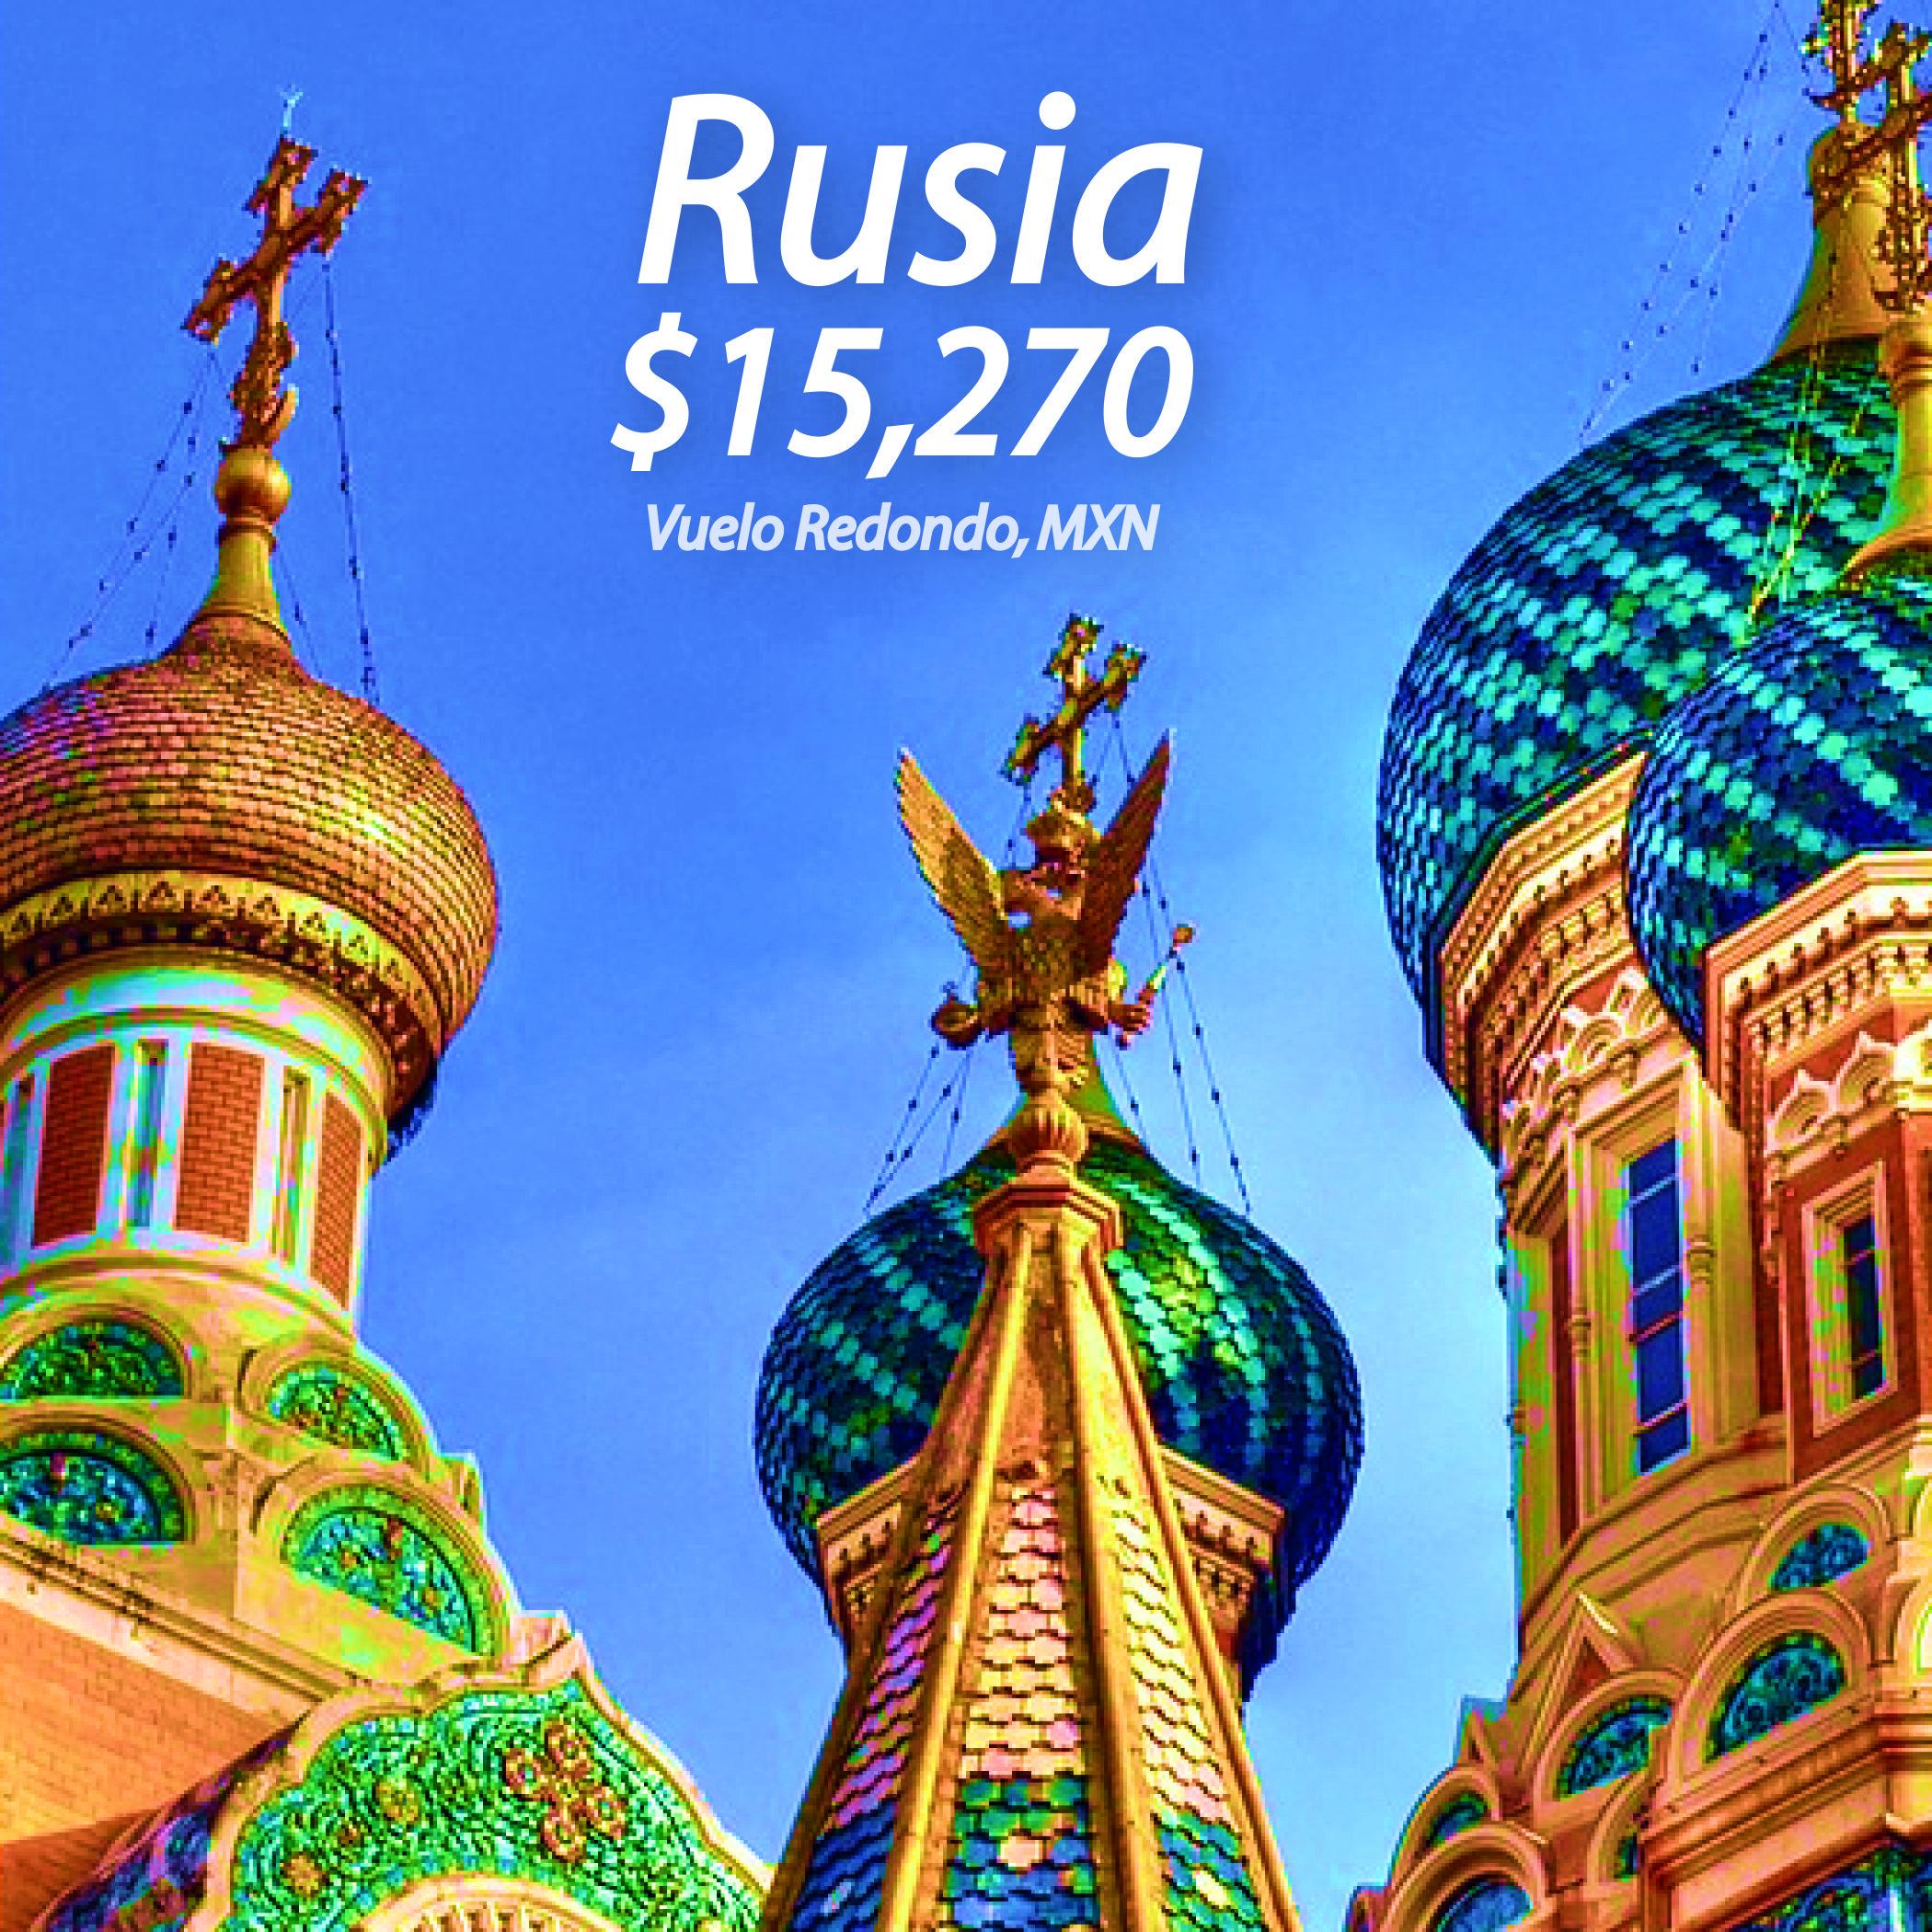 rusia-compressor-3